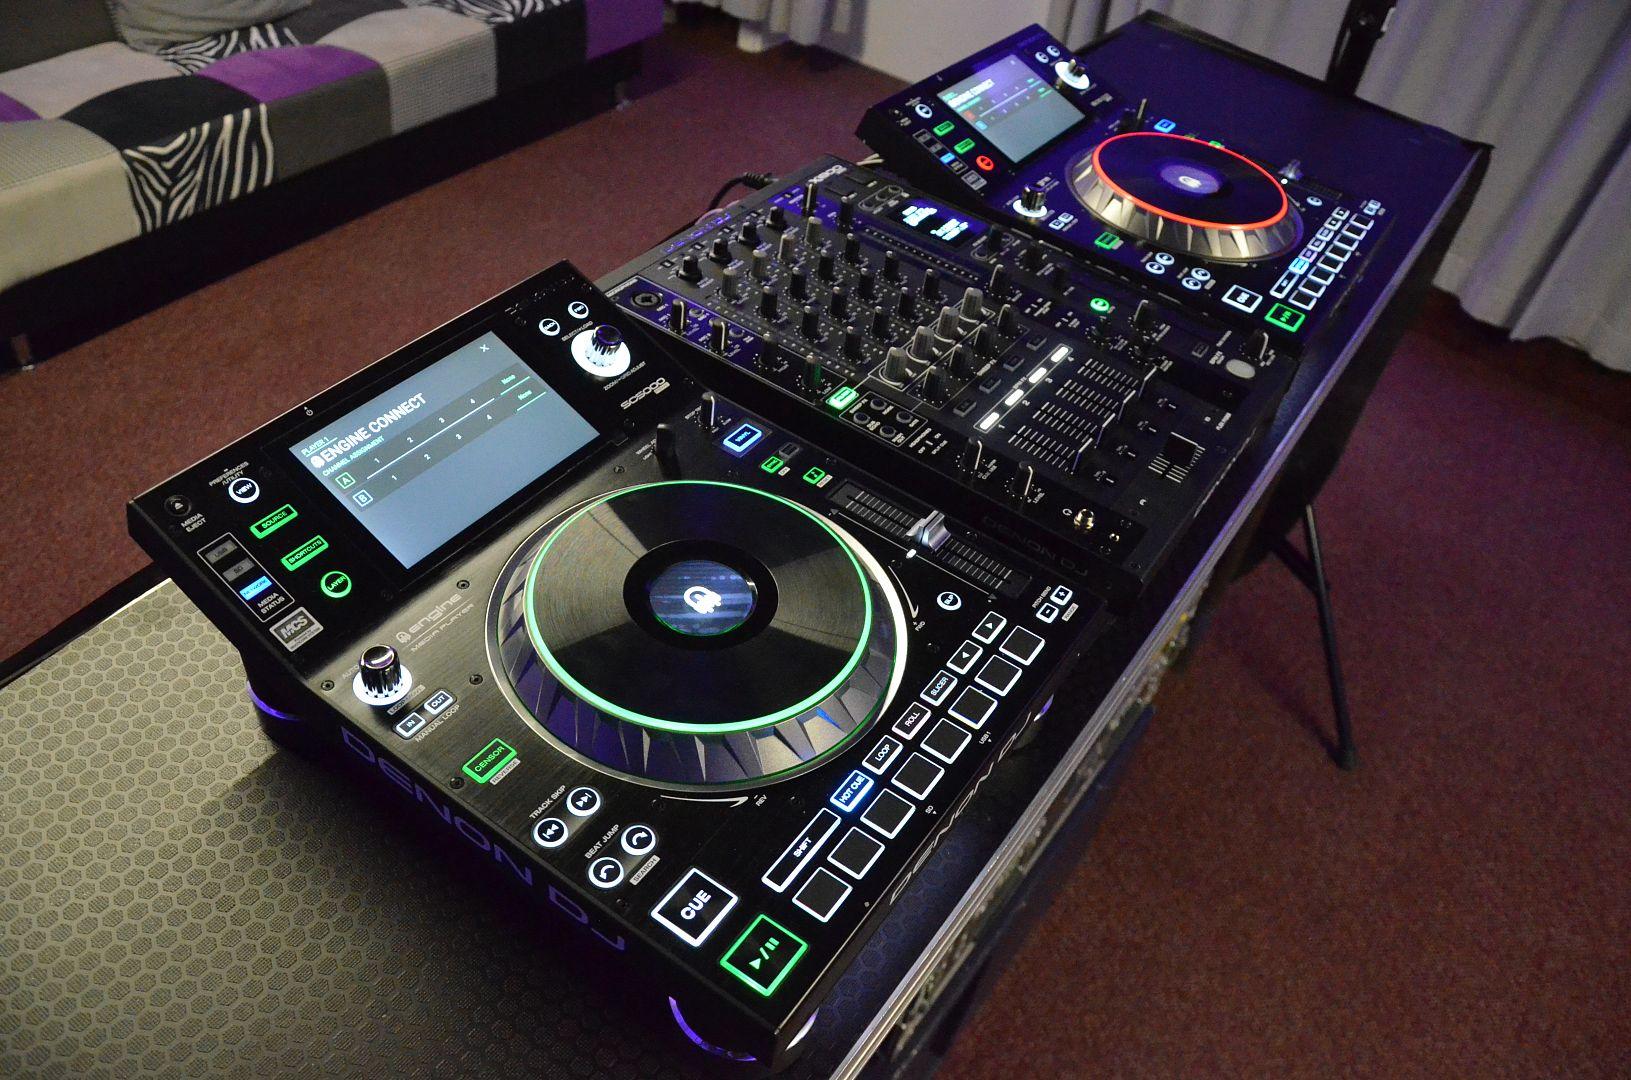 Hình ảnh: TOP 10 THIẾT BỊ LÀM THAY ĐỔI  DJ TRONG THẬP KỈ 2010 số 2